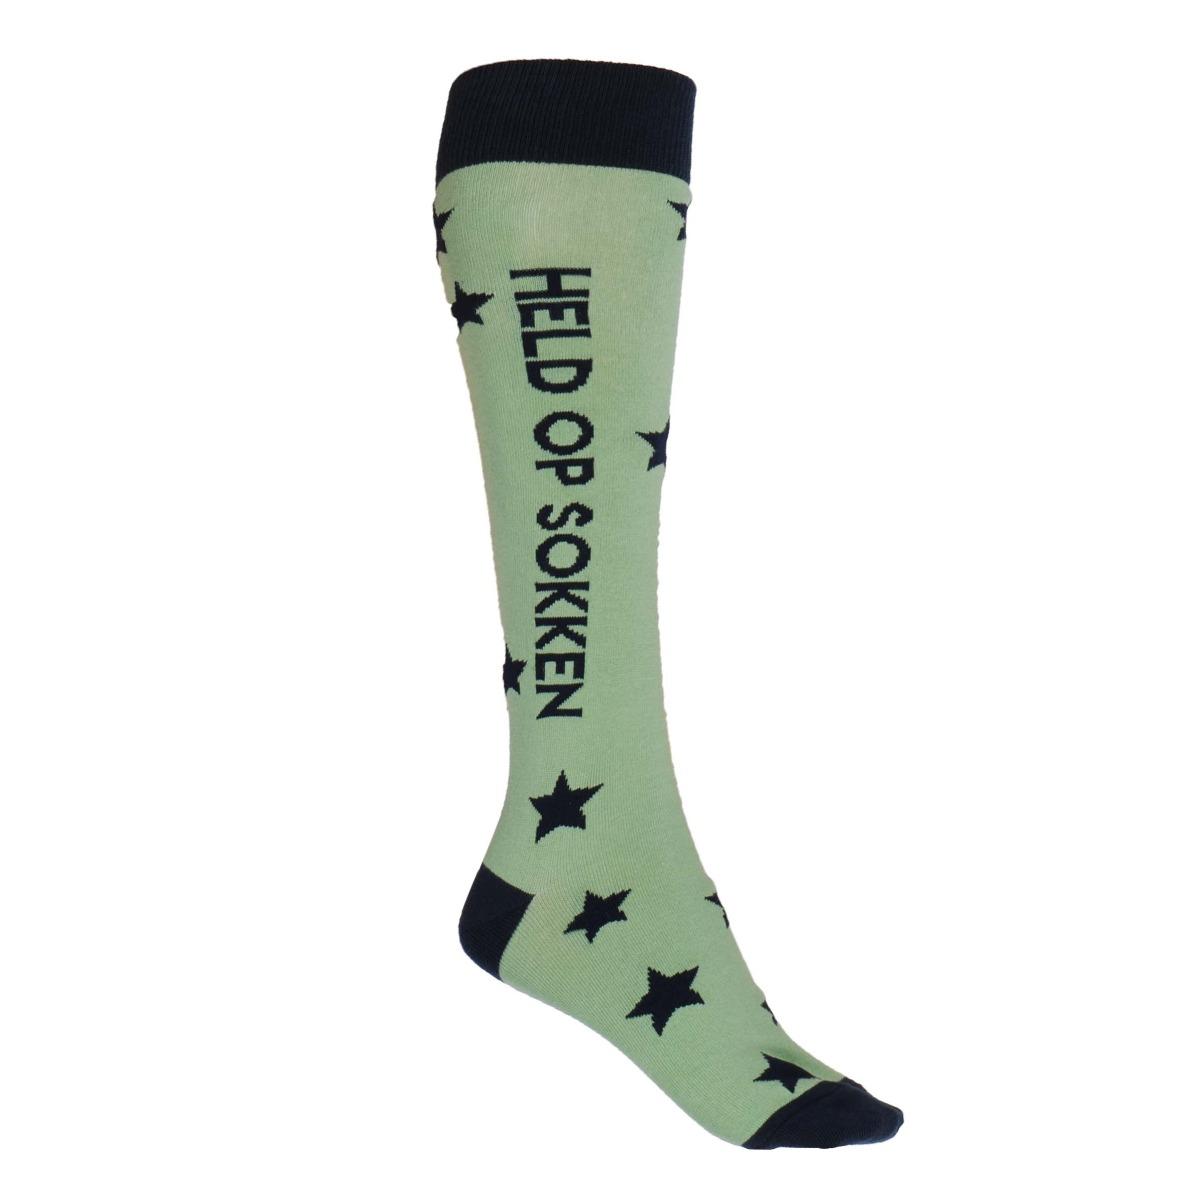 Mondoni Held op sokken kniekousen lichtgroen maat:31-34